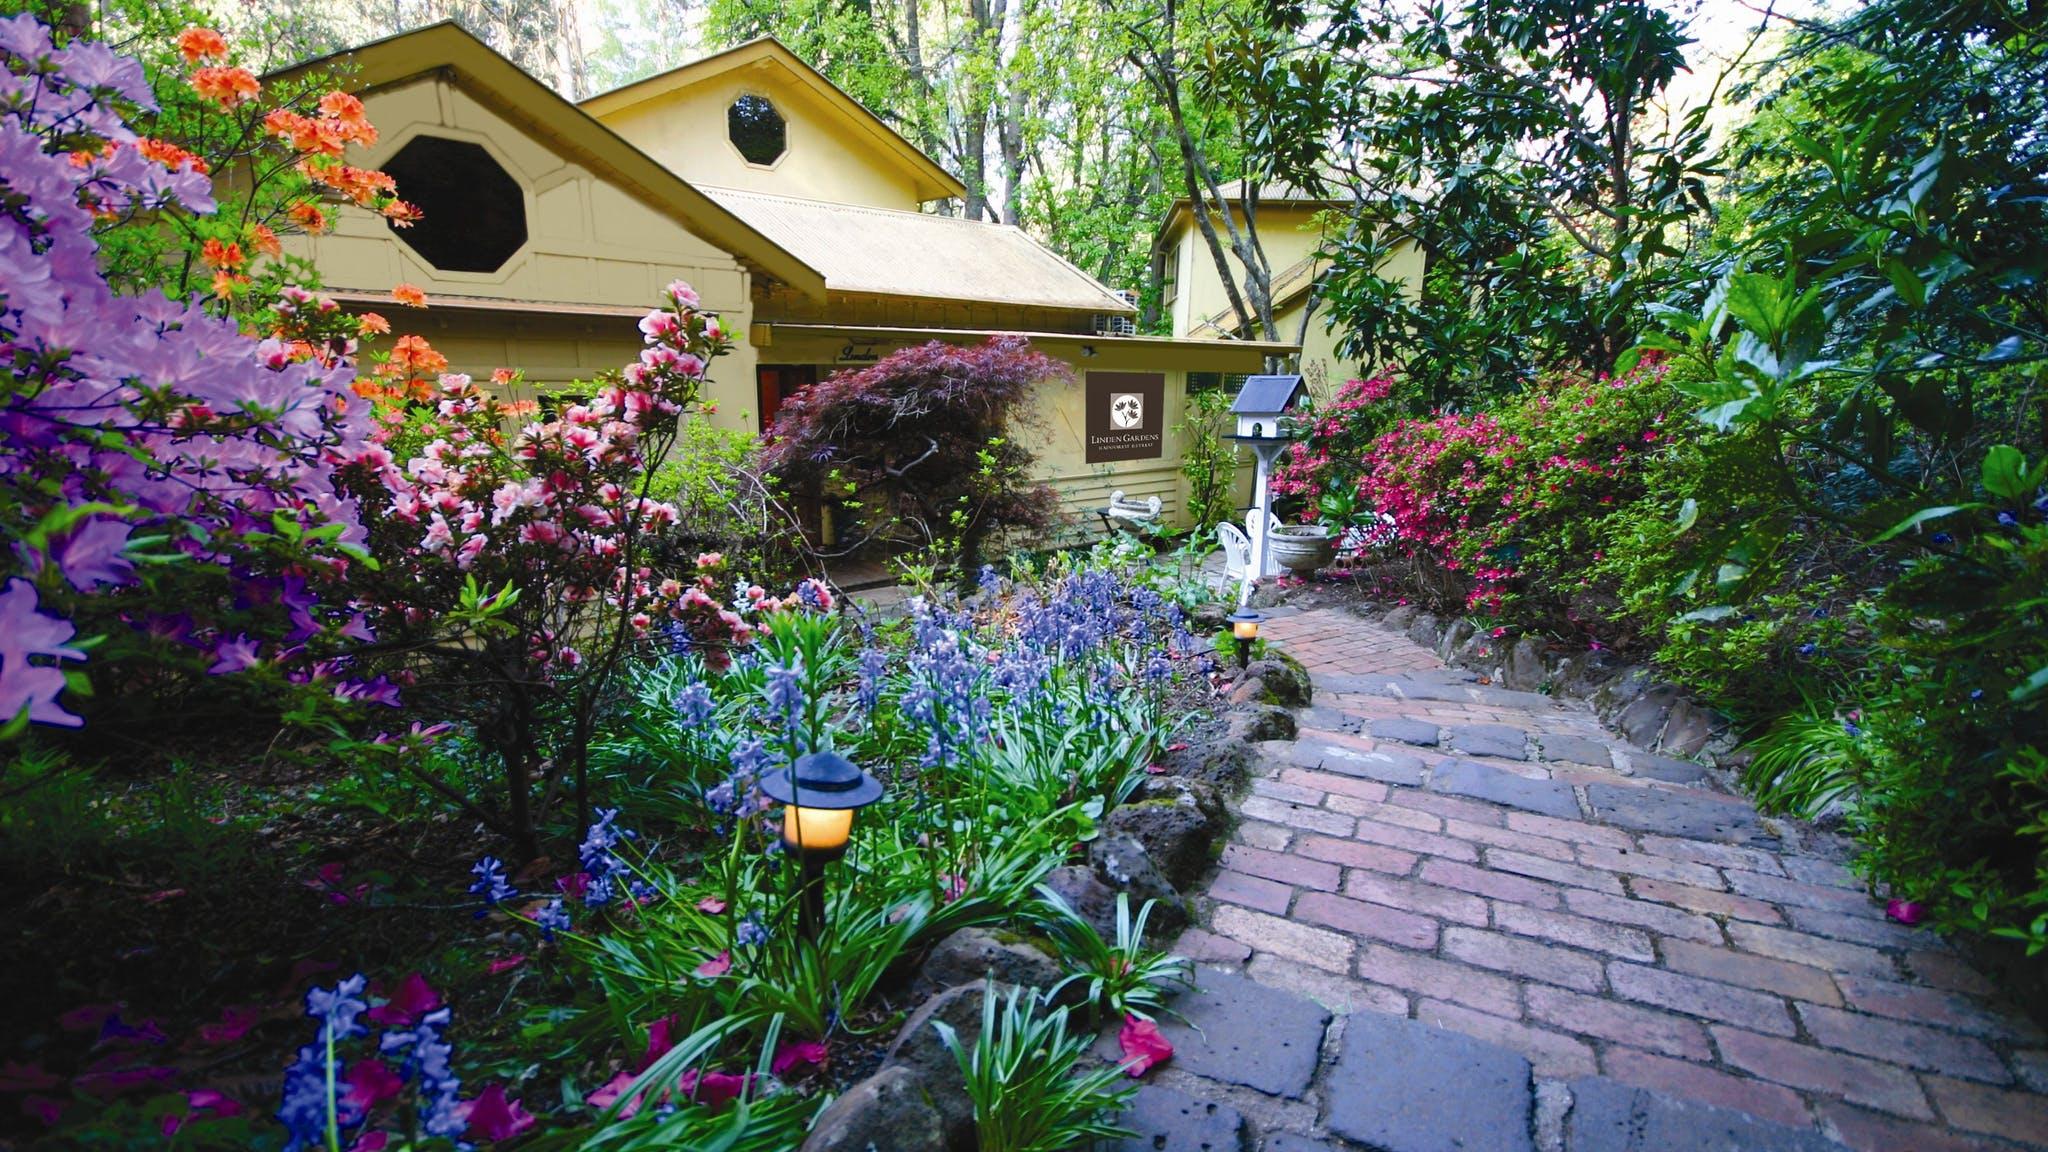 Linden gardens rainforest retreat accommodation yarra for Garden design yarra valley